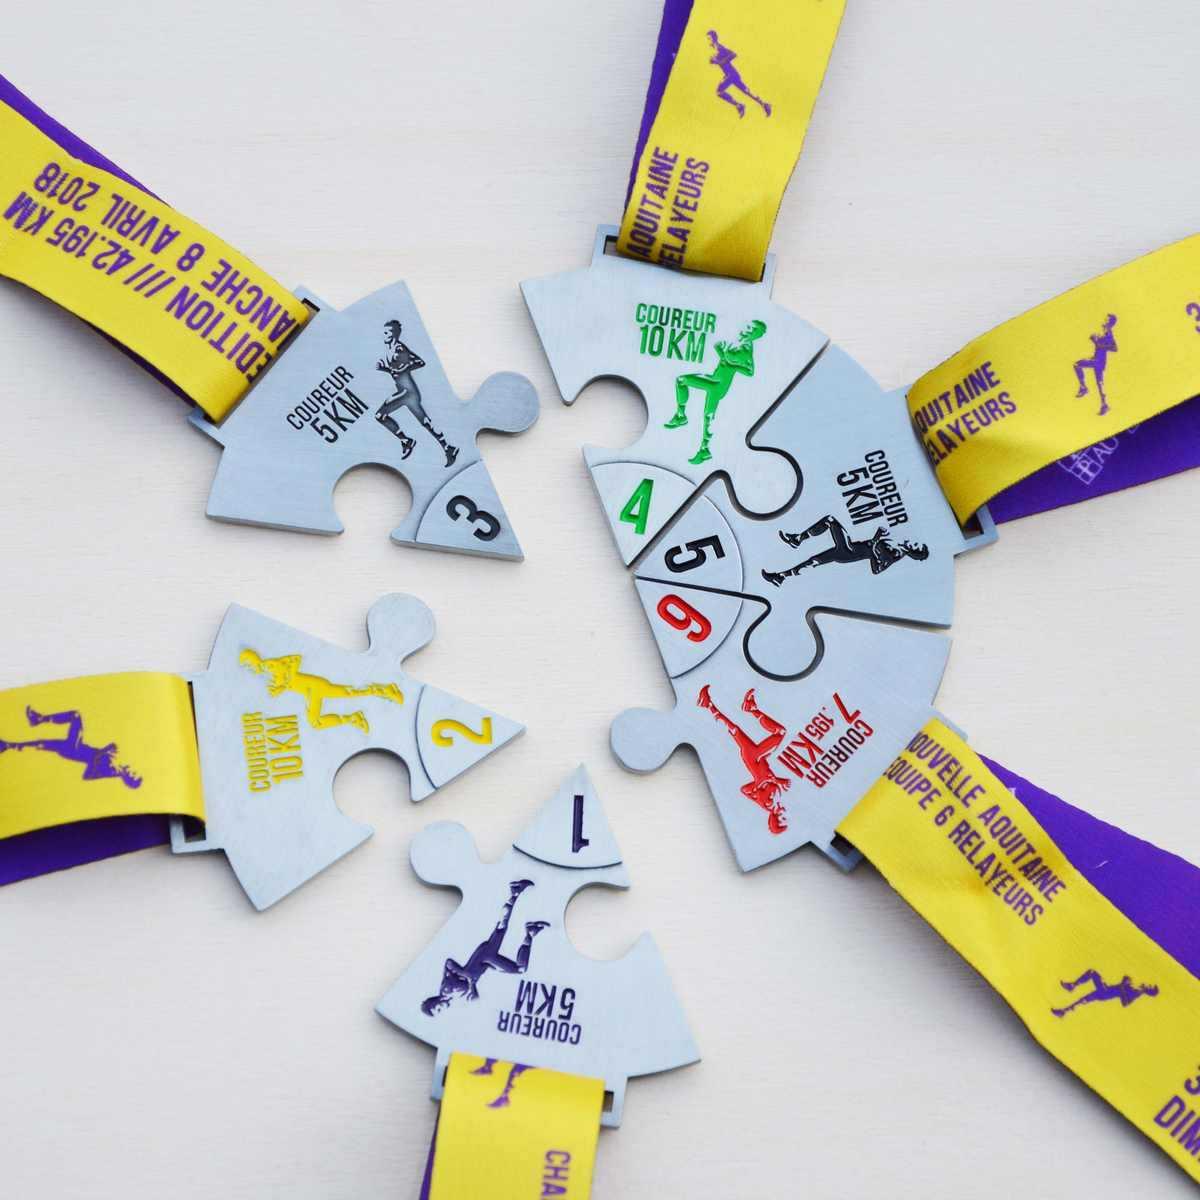 Médailles finisher Ekiden - Nouvelle aquitaine - médaille divisée en 6 pièces de puzzle afin de constituer une médaille ronde en assemblant les différents morceaux